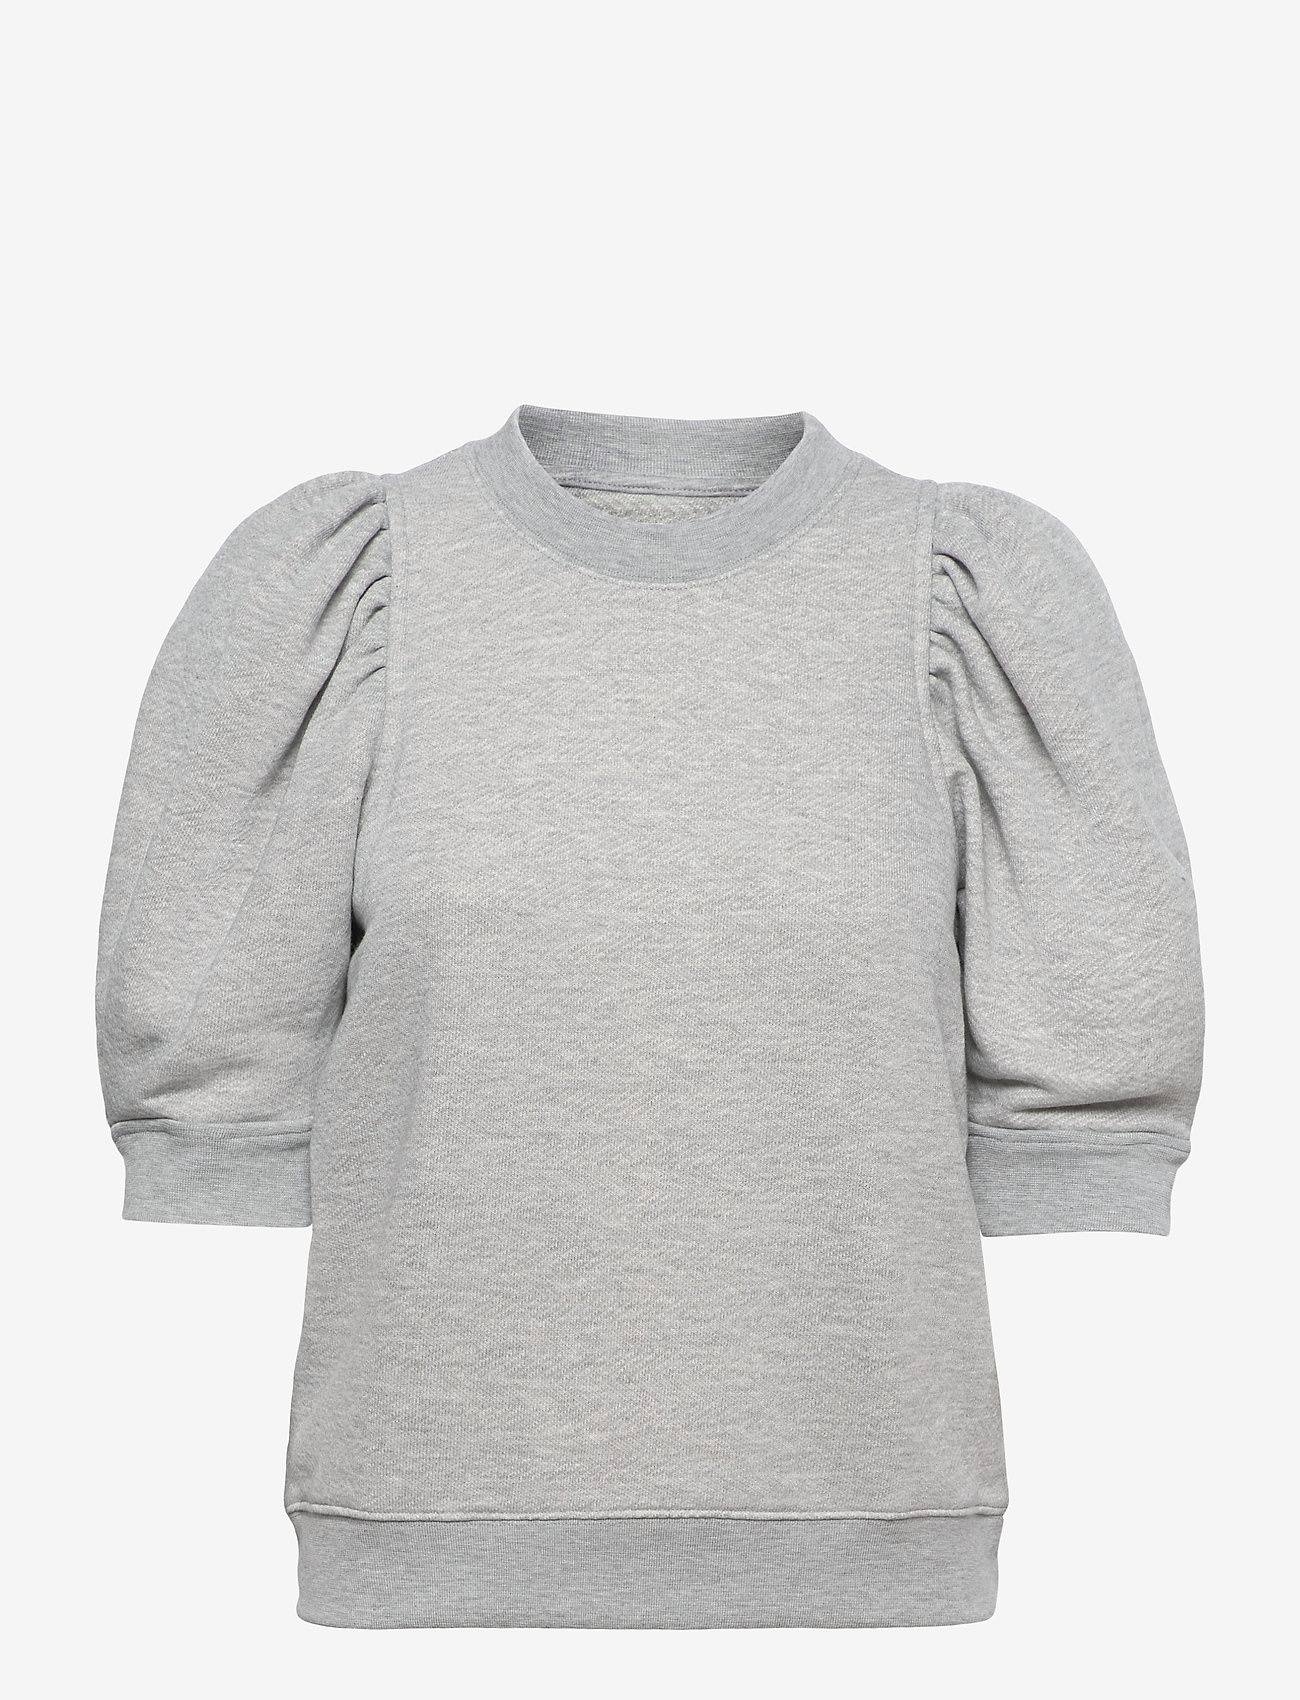 Dawni sweat TEE grey-1